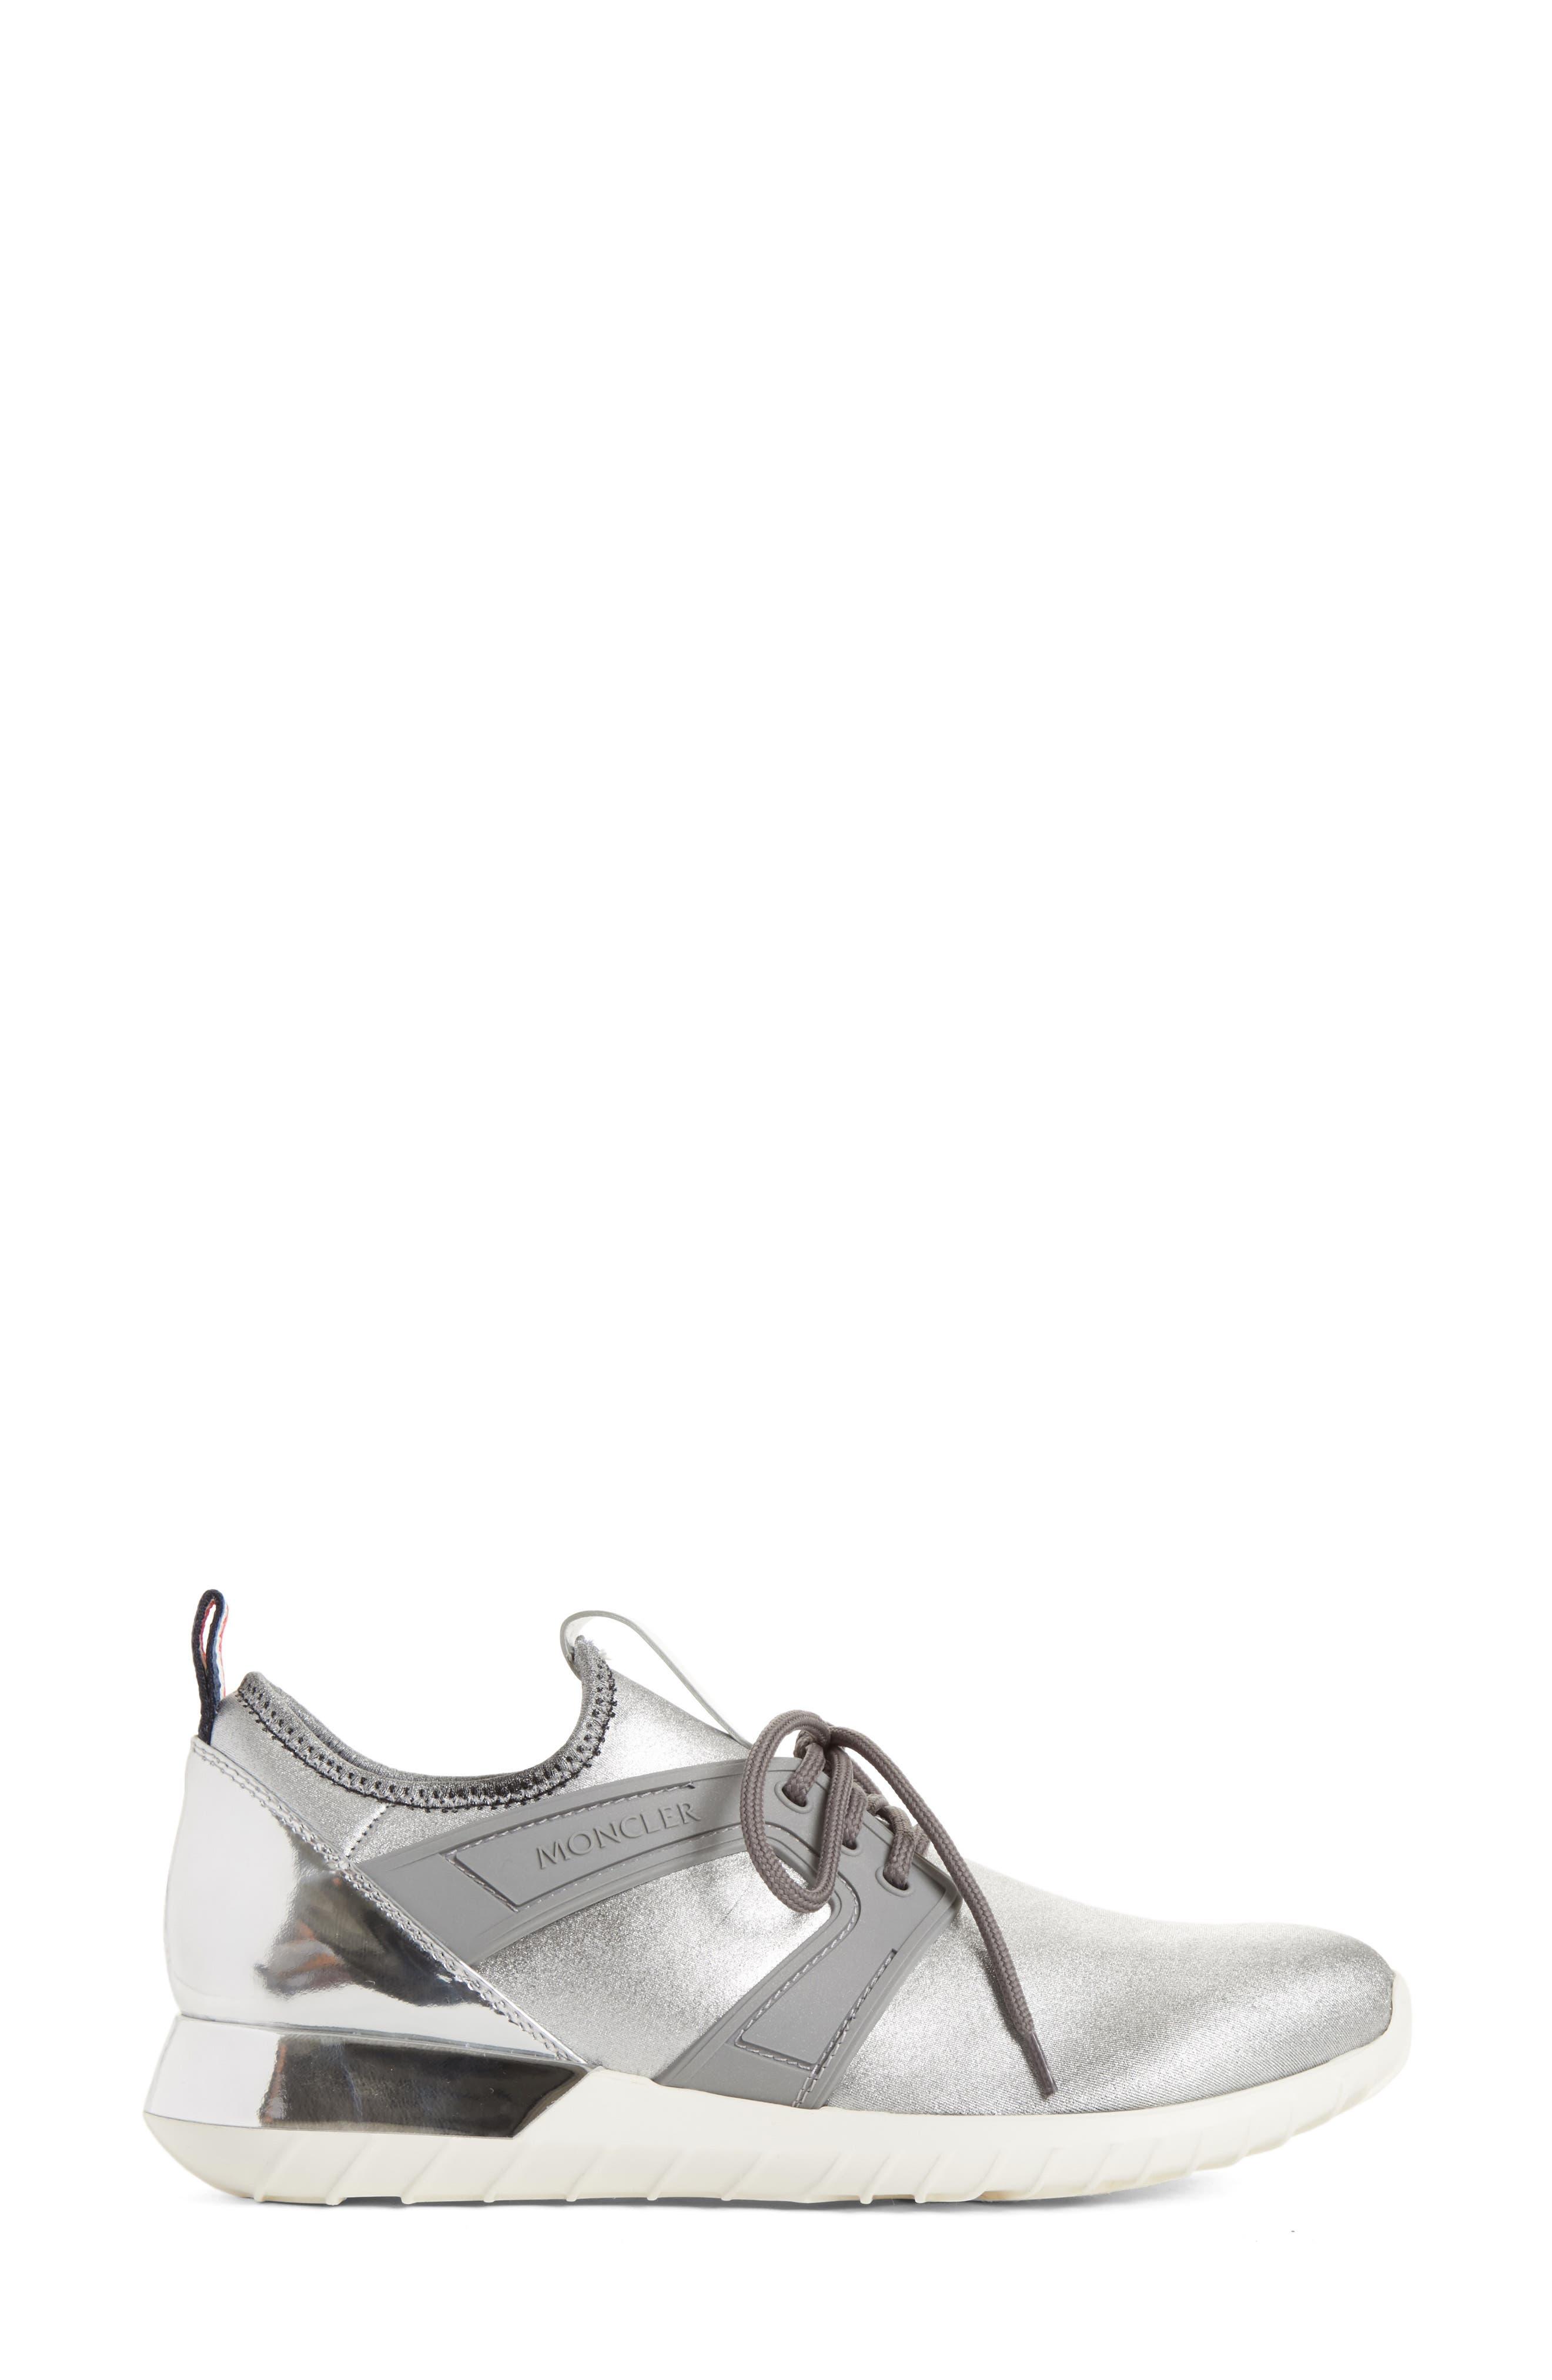 Meline Runner Sneaker,                             Alternate thumbnail 3, color,                             Silver